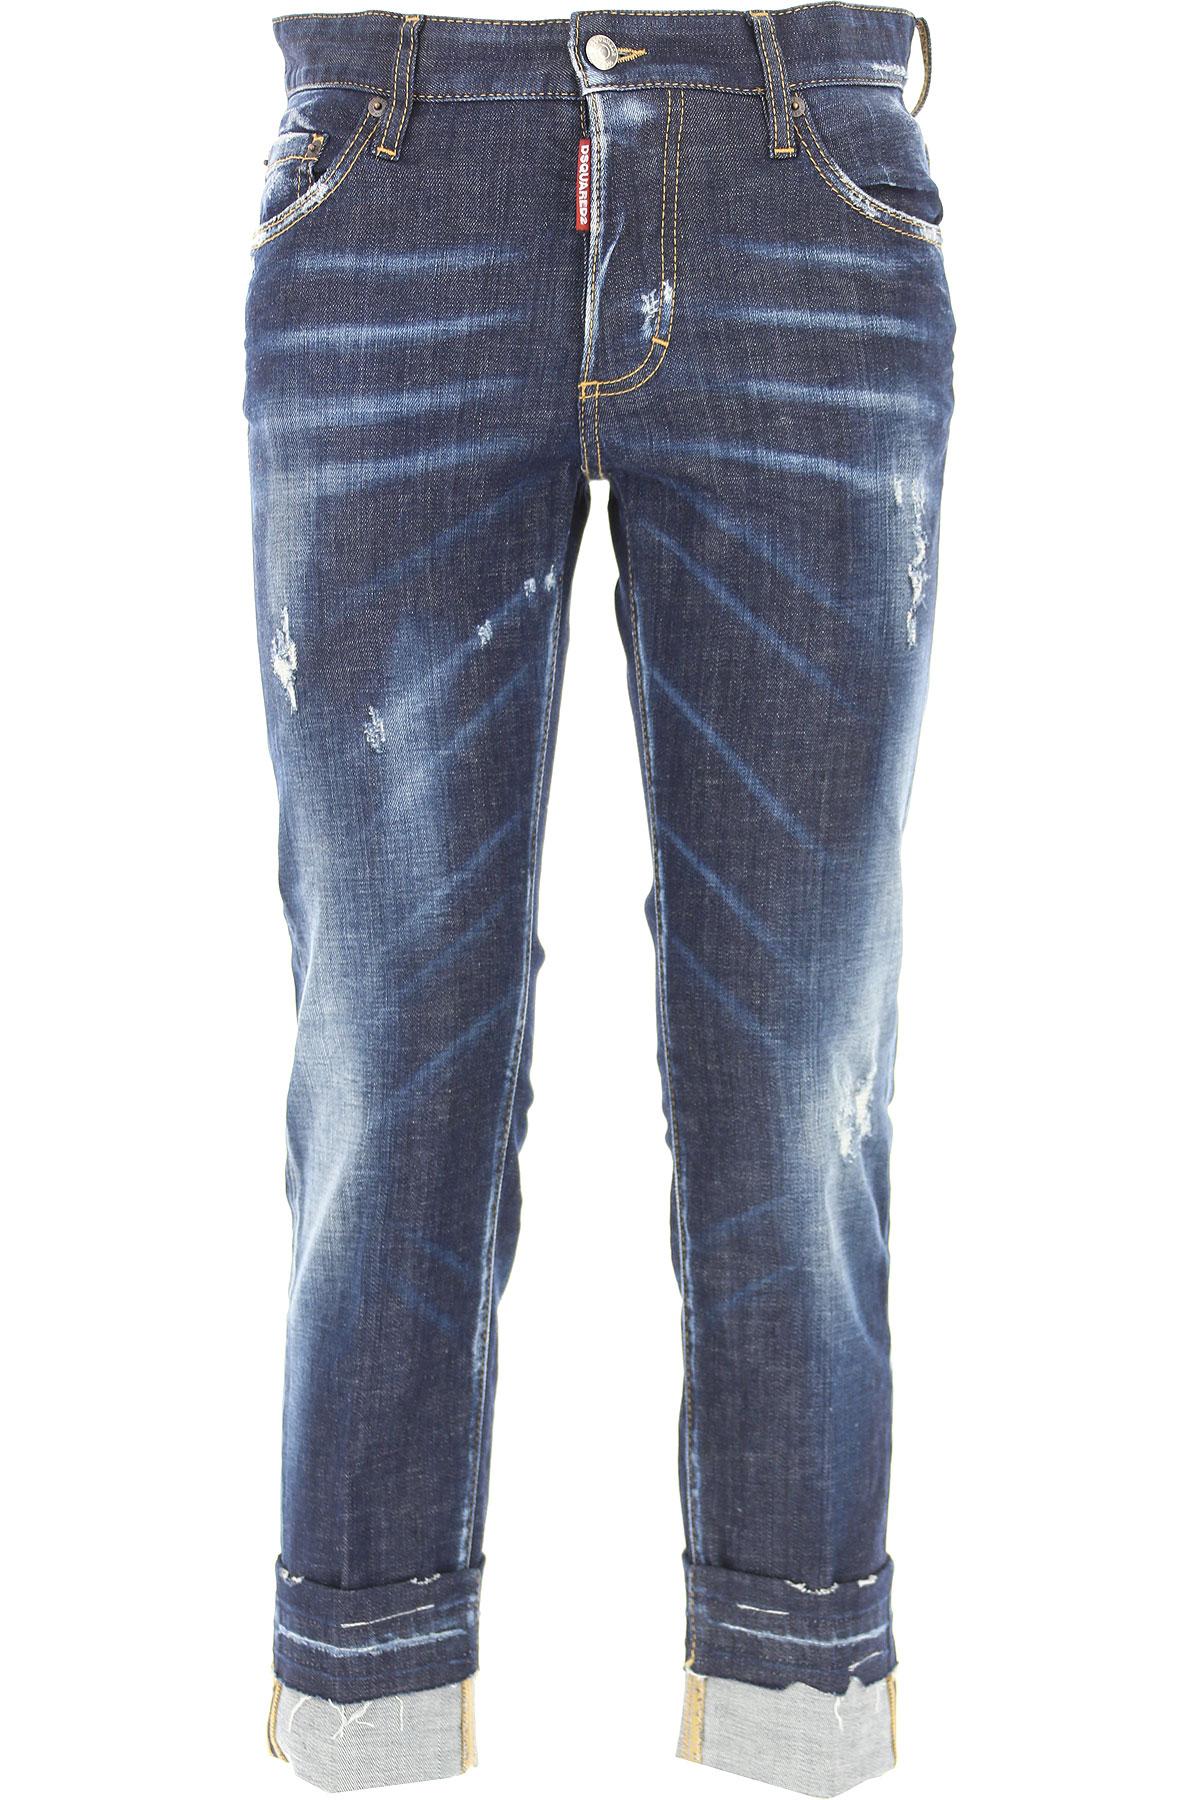 Dsquared2 Jeans On Sale, Blue Denim, Cotton, 2017, 22 24 26 28